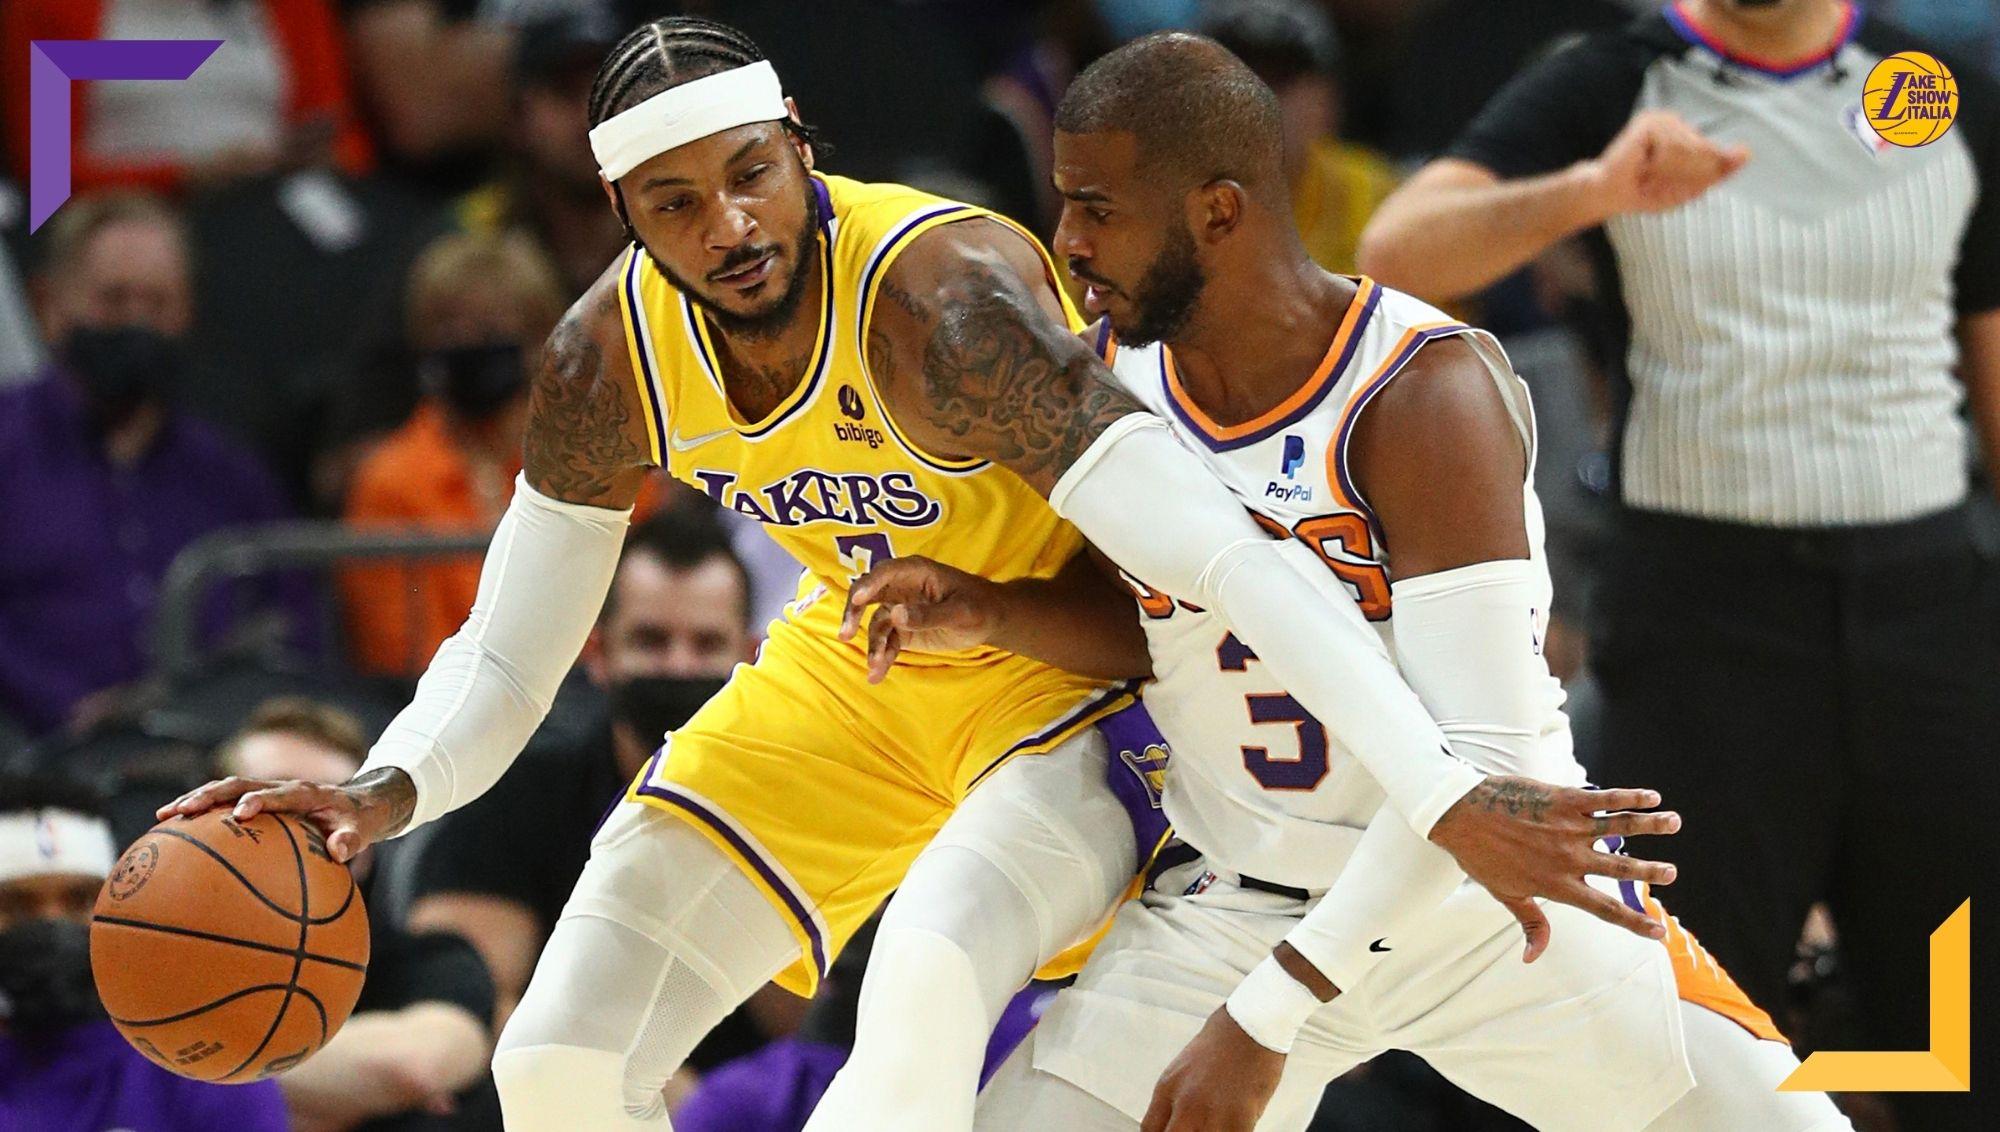 Altro stop per i Lakers, travolti anche dai Suns. Esordio per Melo, cresce il minutaggio di Davis, bene Monk. Out James, Westbrook e Booker.